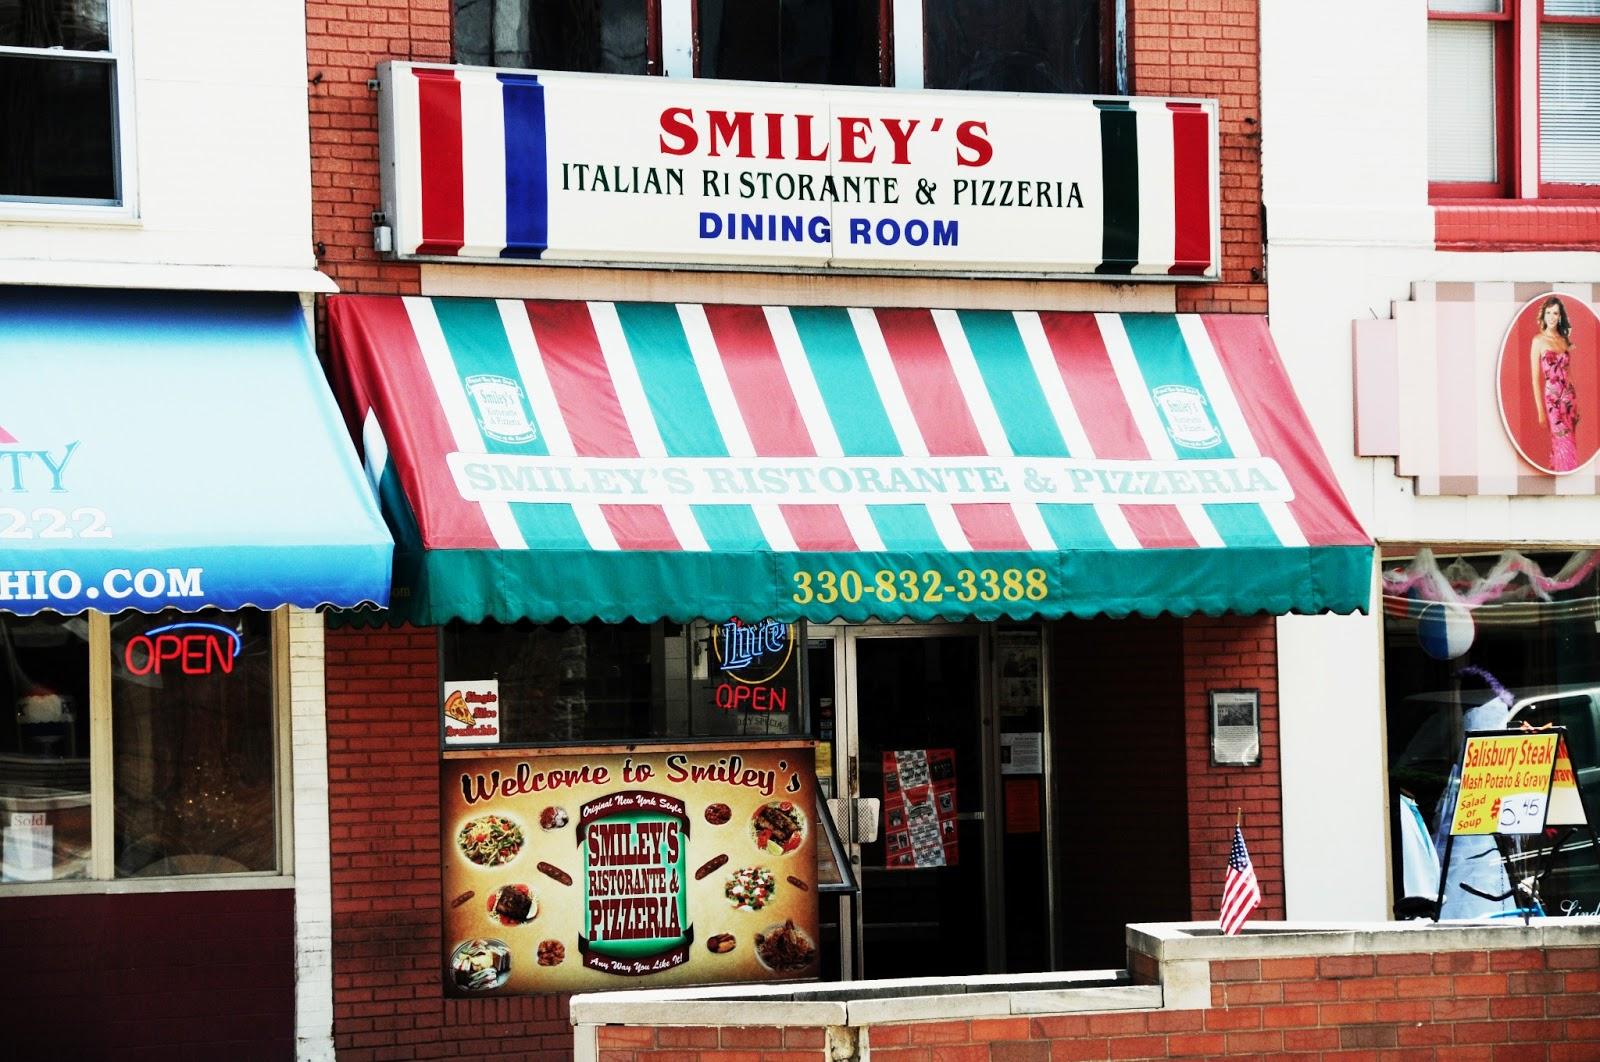 smiley 39 s ristorante massillon ohio review discovering stark county ohio. Black Bedroom Furniture Sets. Home Design Ideas